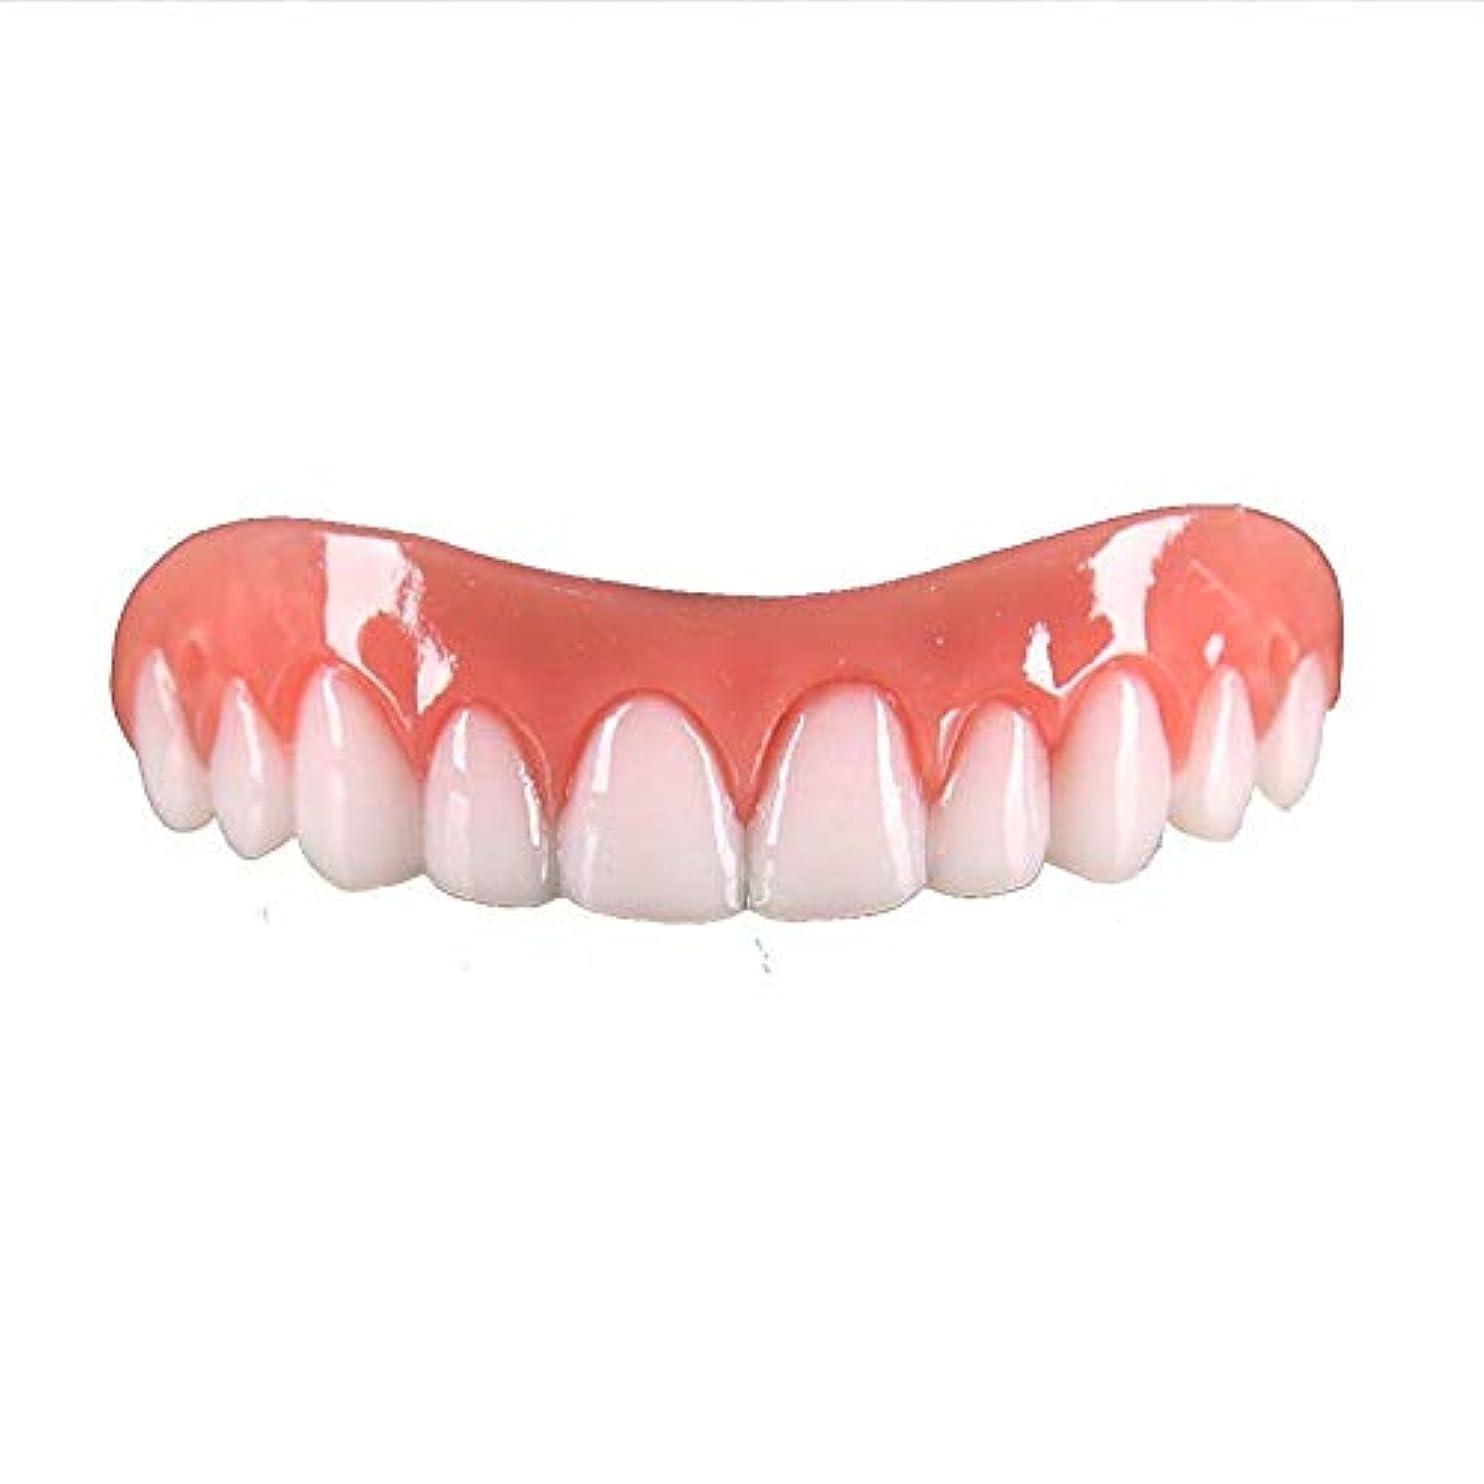 ゲスト慈善おとなしい上段ホワイトシリカゲルシミュレーション義歯プラスチックパーフェクトフィットスナップオンスマイル義歯歯セット